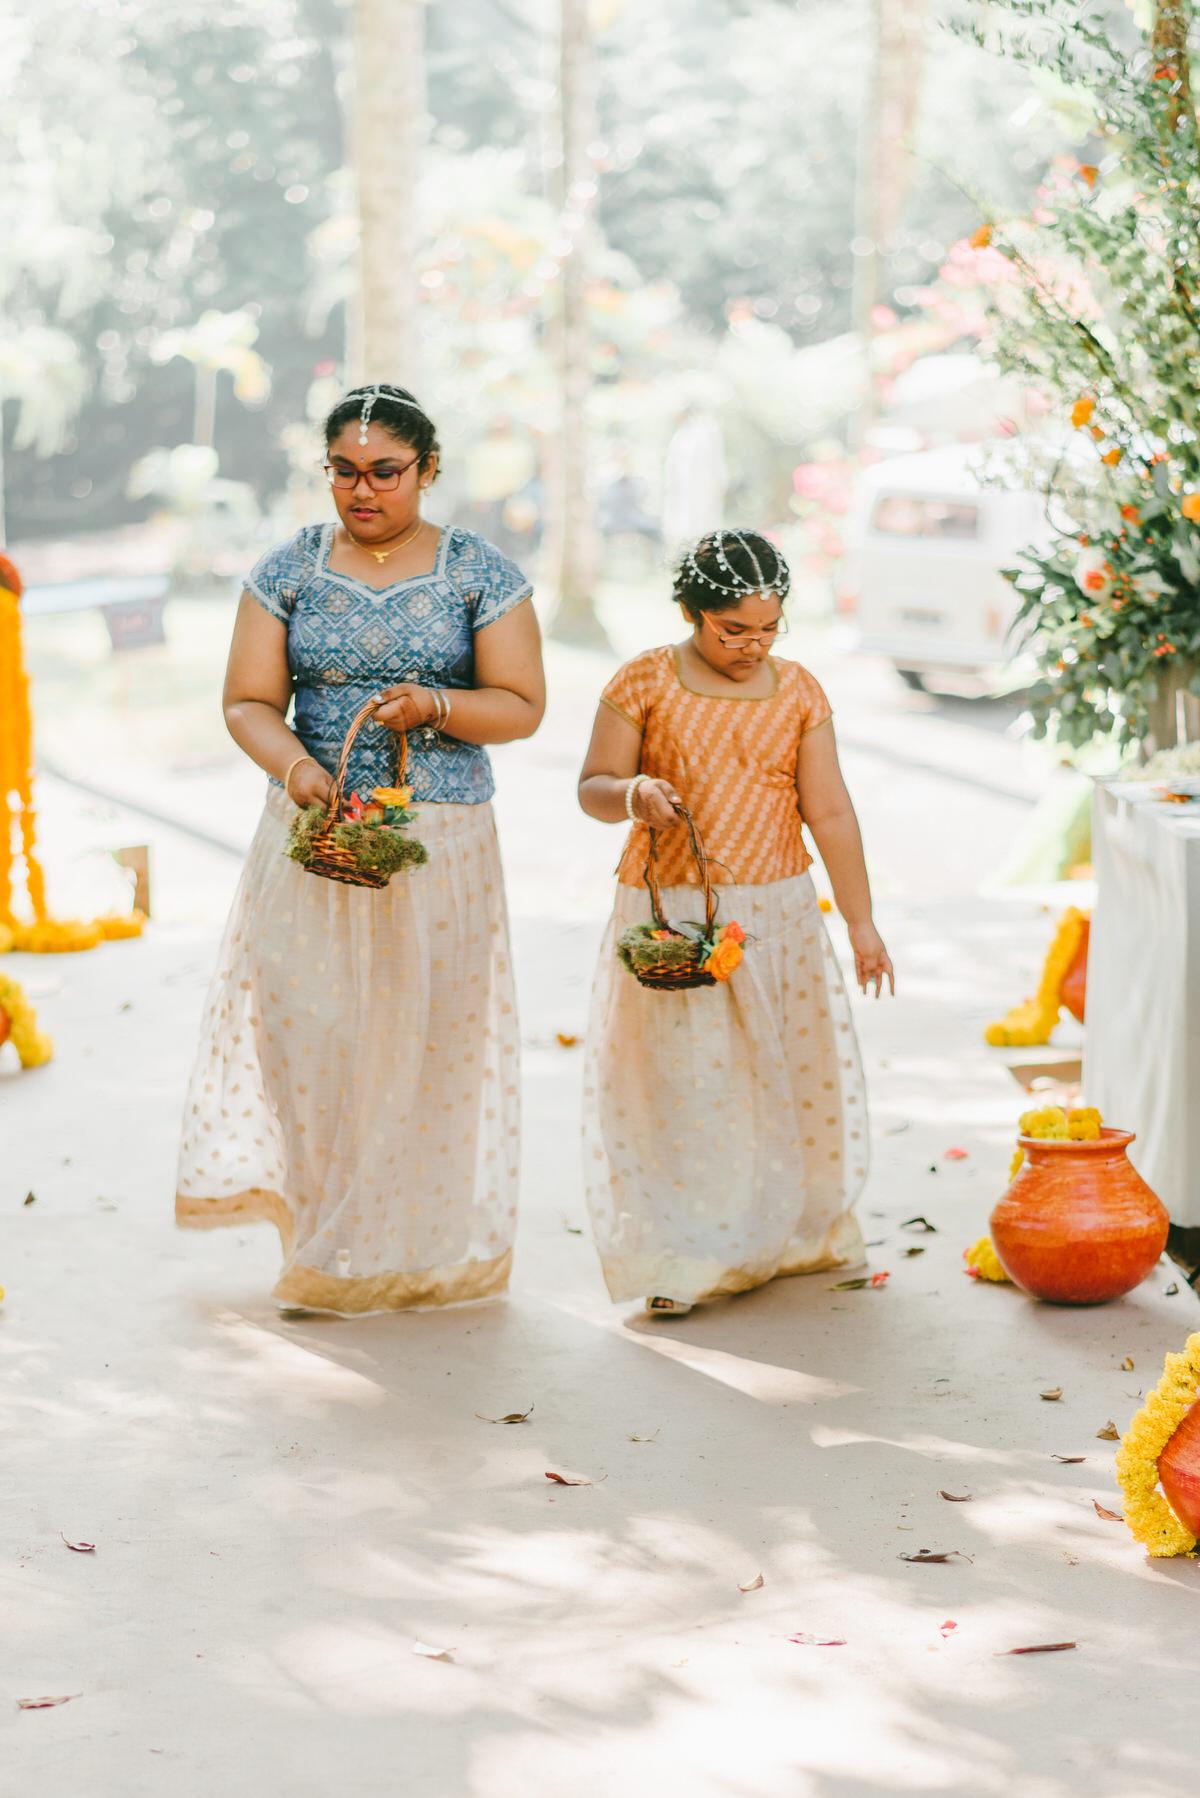 singapore wedding - indian wedding - baliweddingphotographer - diktatphotography - S&L- 68